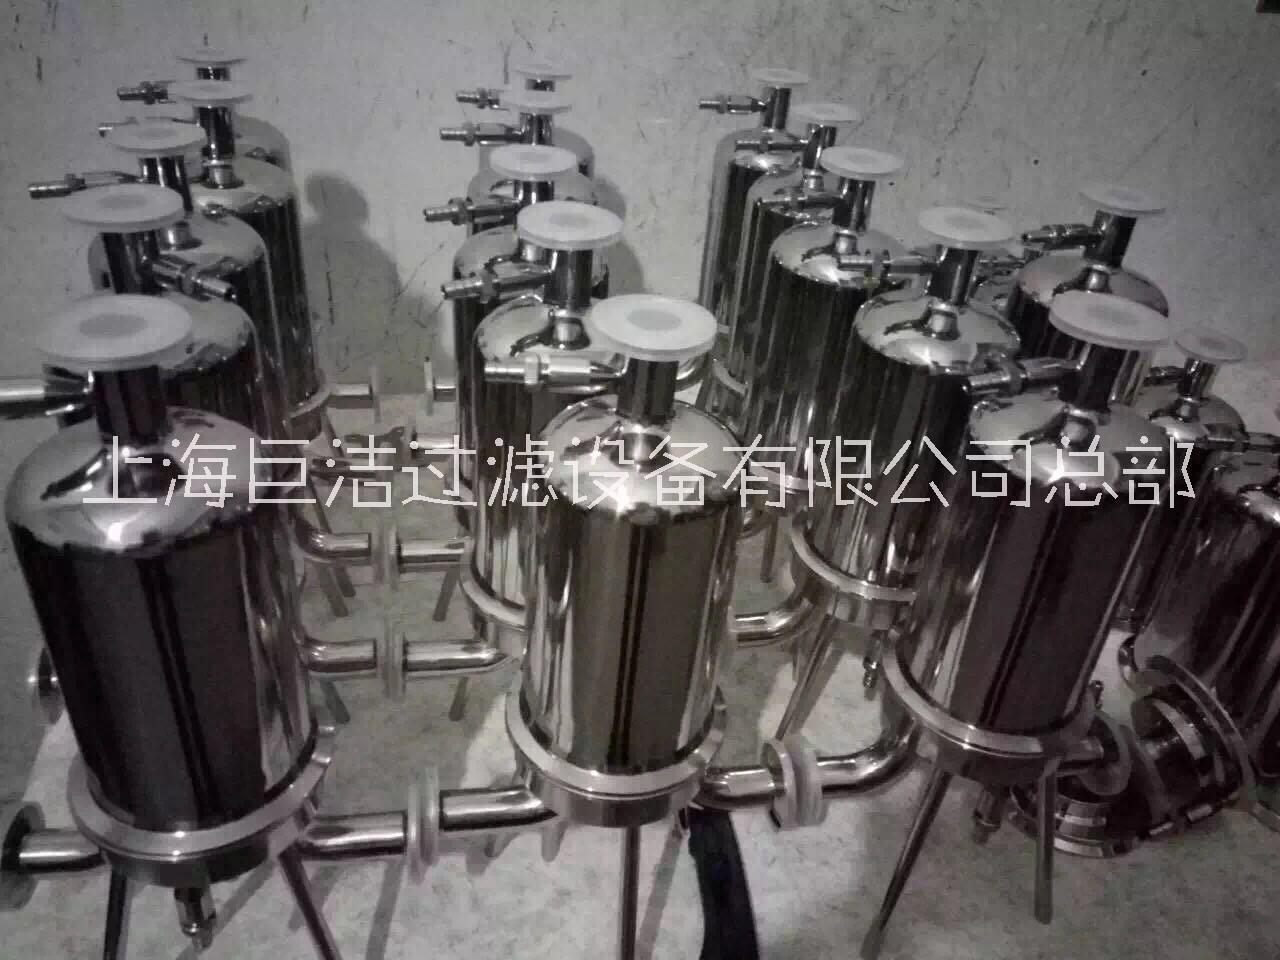 厂家直销精密过滤器滤芯式过滤器单芯多芯微孔过滤器